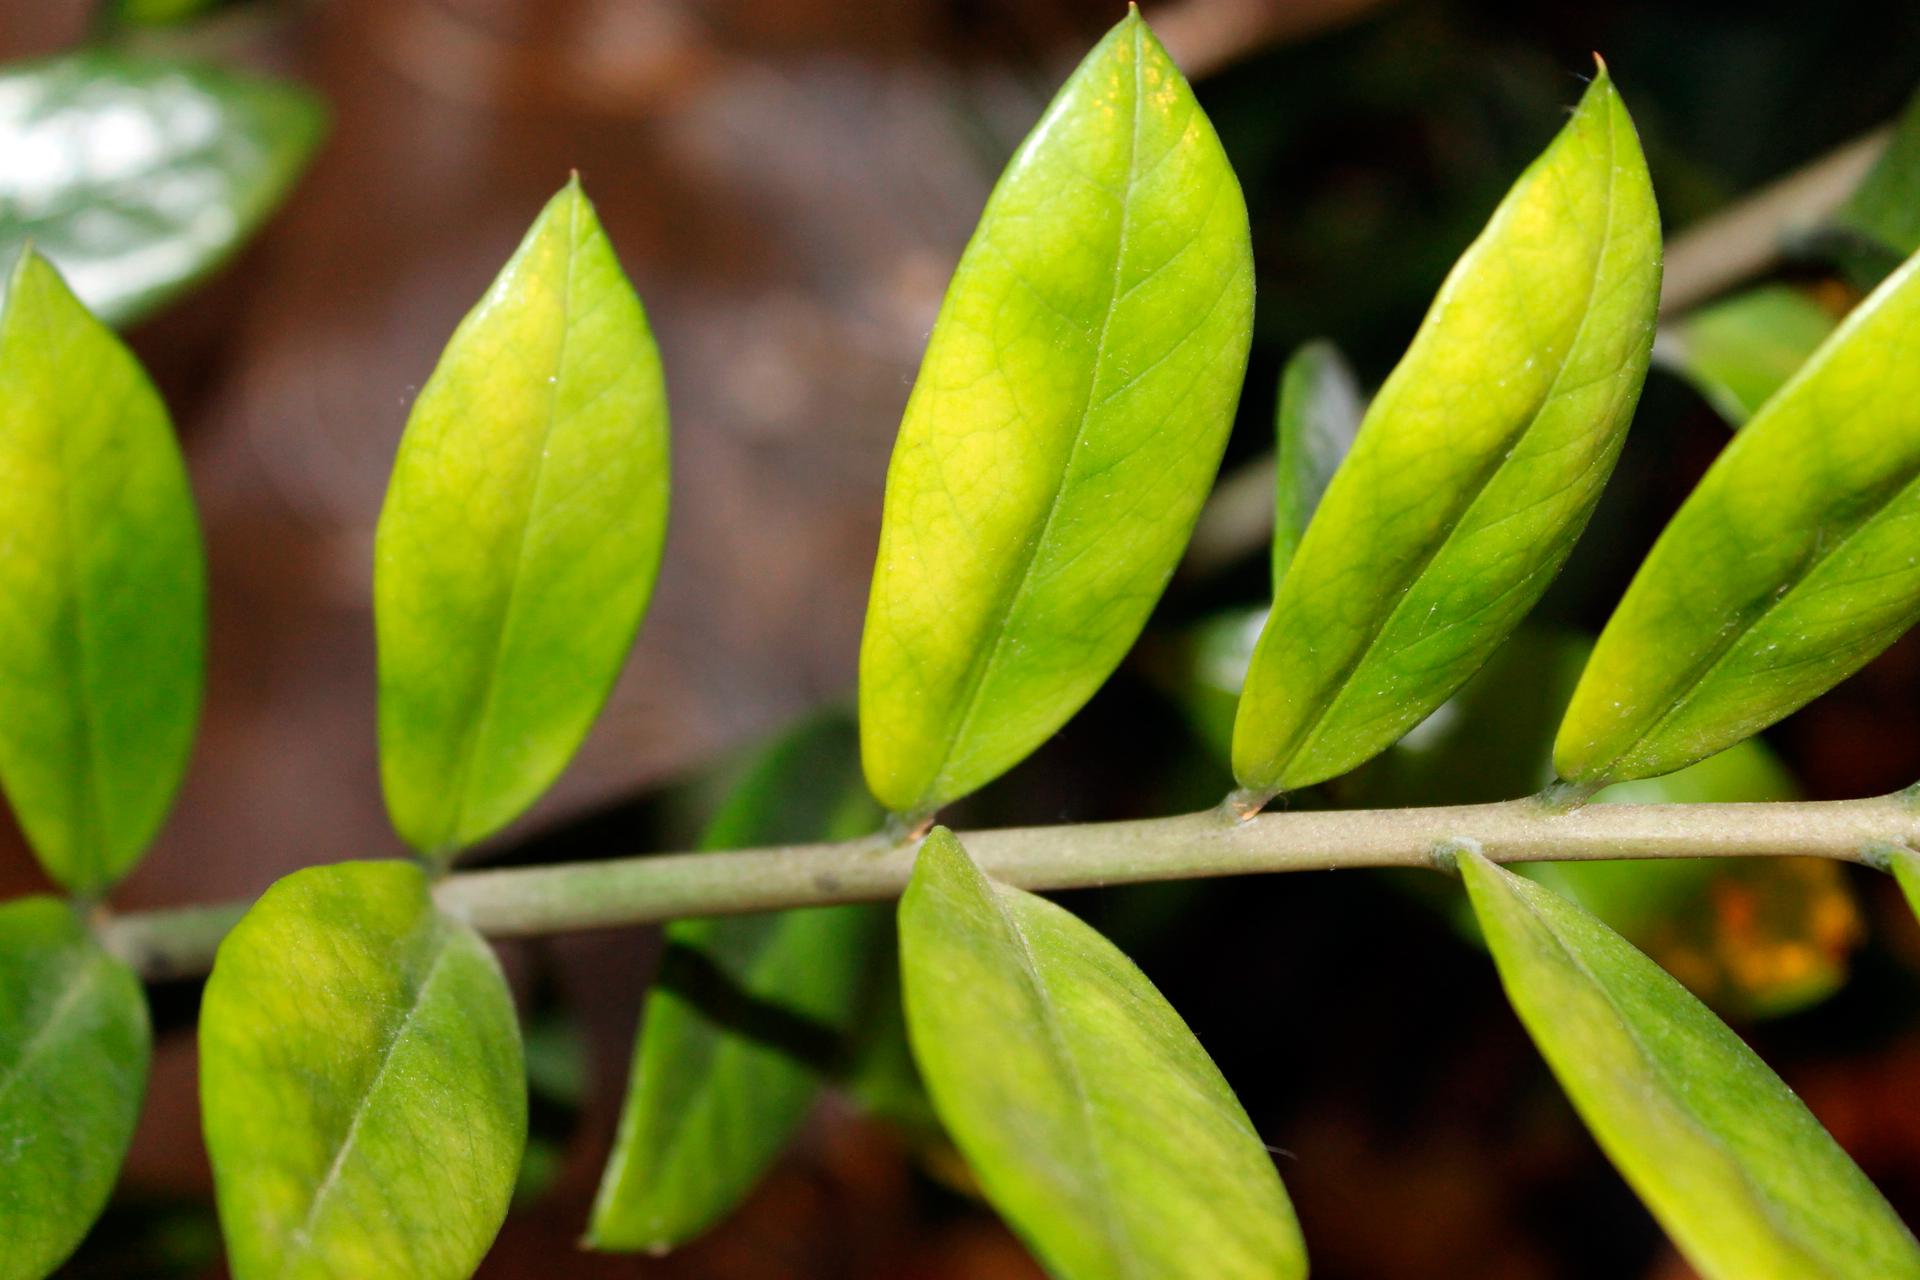 У каланхоэ желтеют, сохнут, опадают листья: почему это происходит и что делать